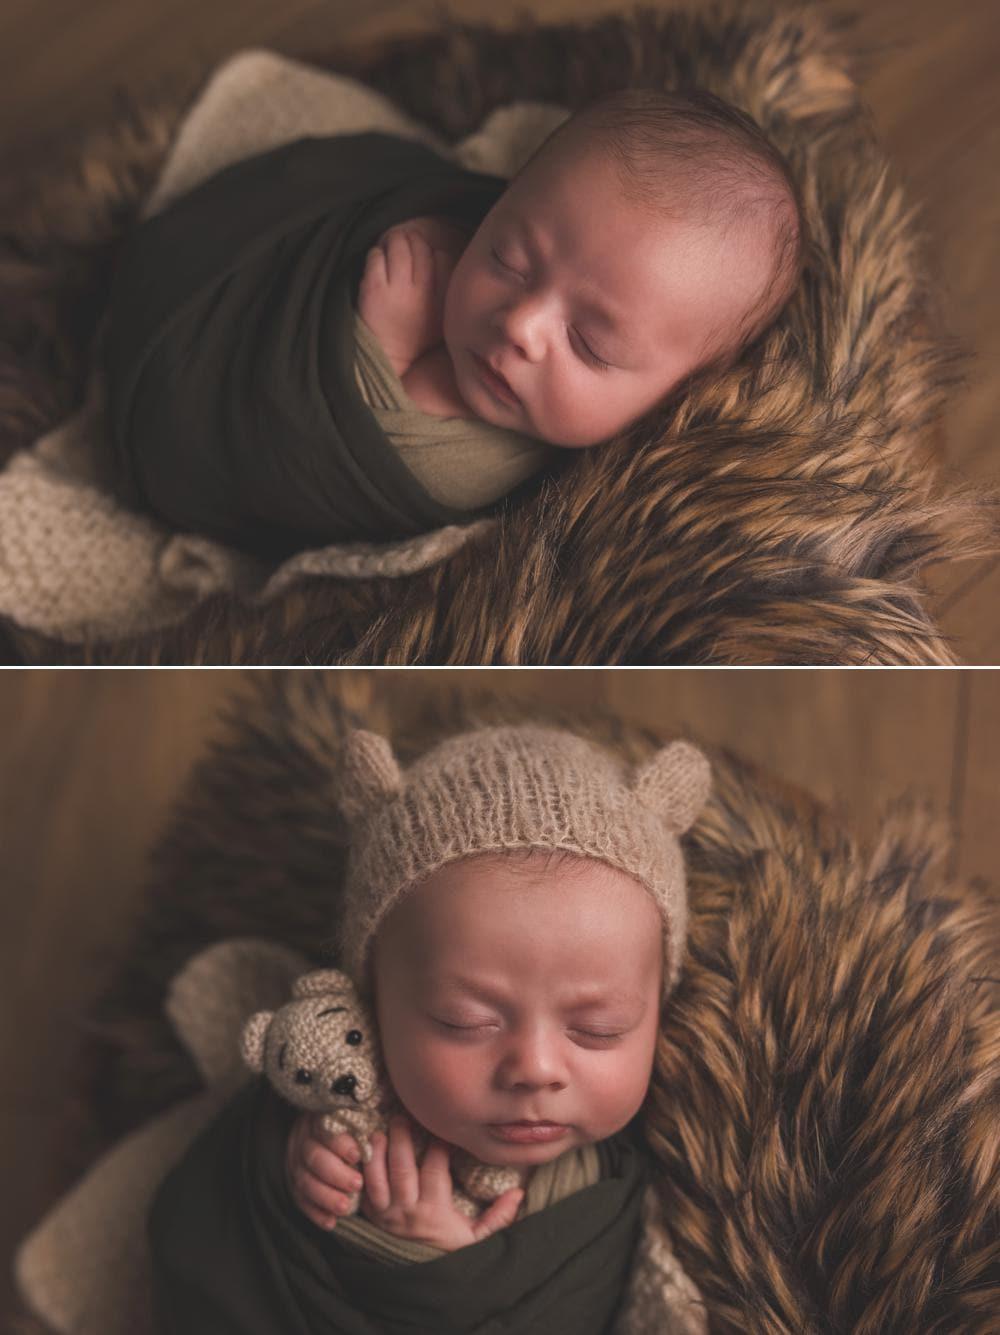 Photographier un bébé de 6 semaines